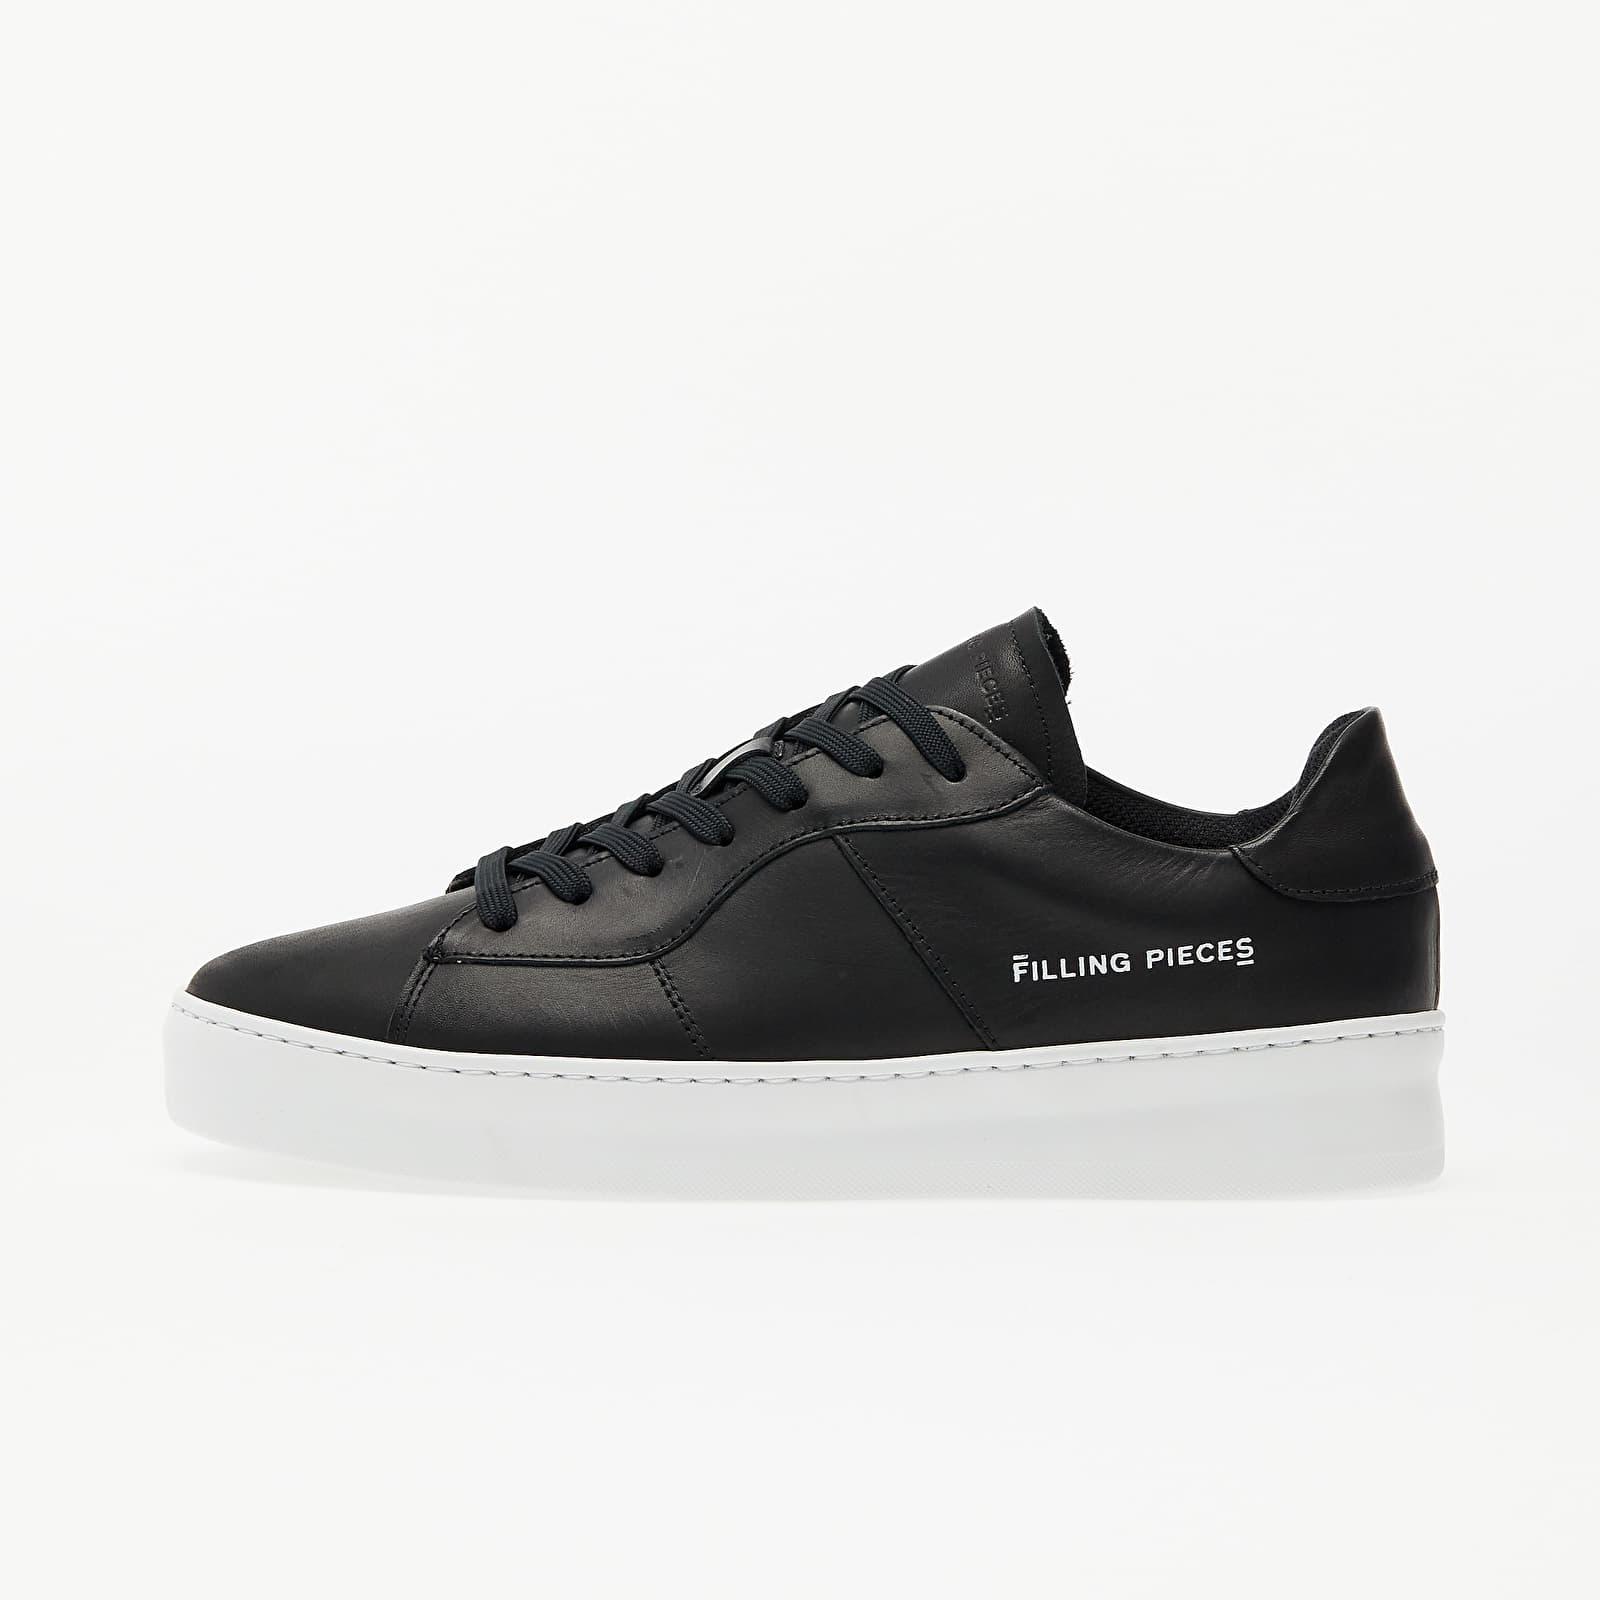 Filling Pieces Light Plain Court Black/ Black 382272719540